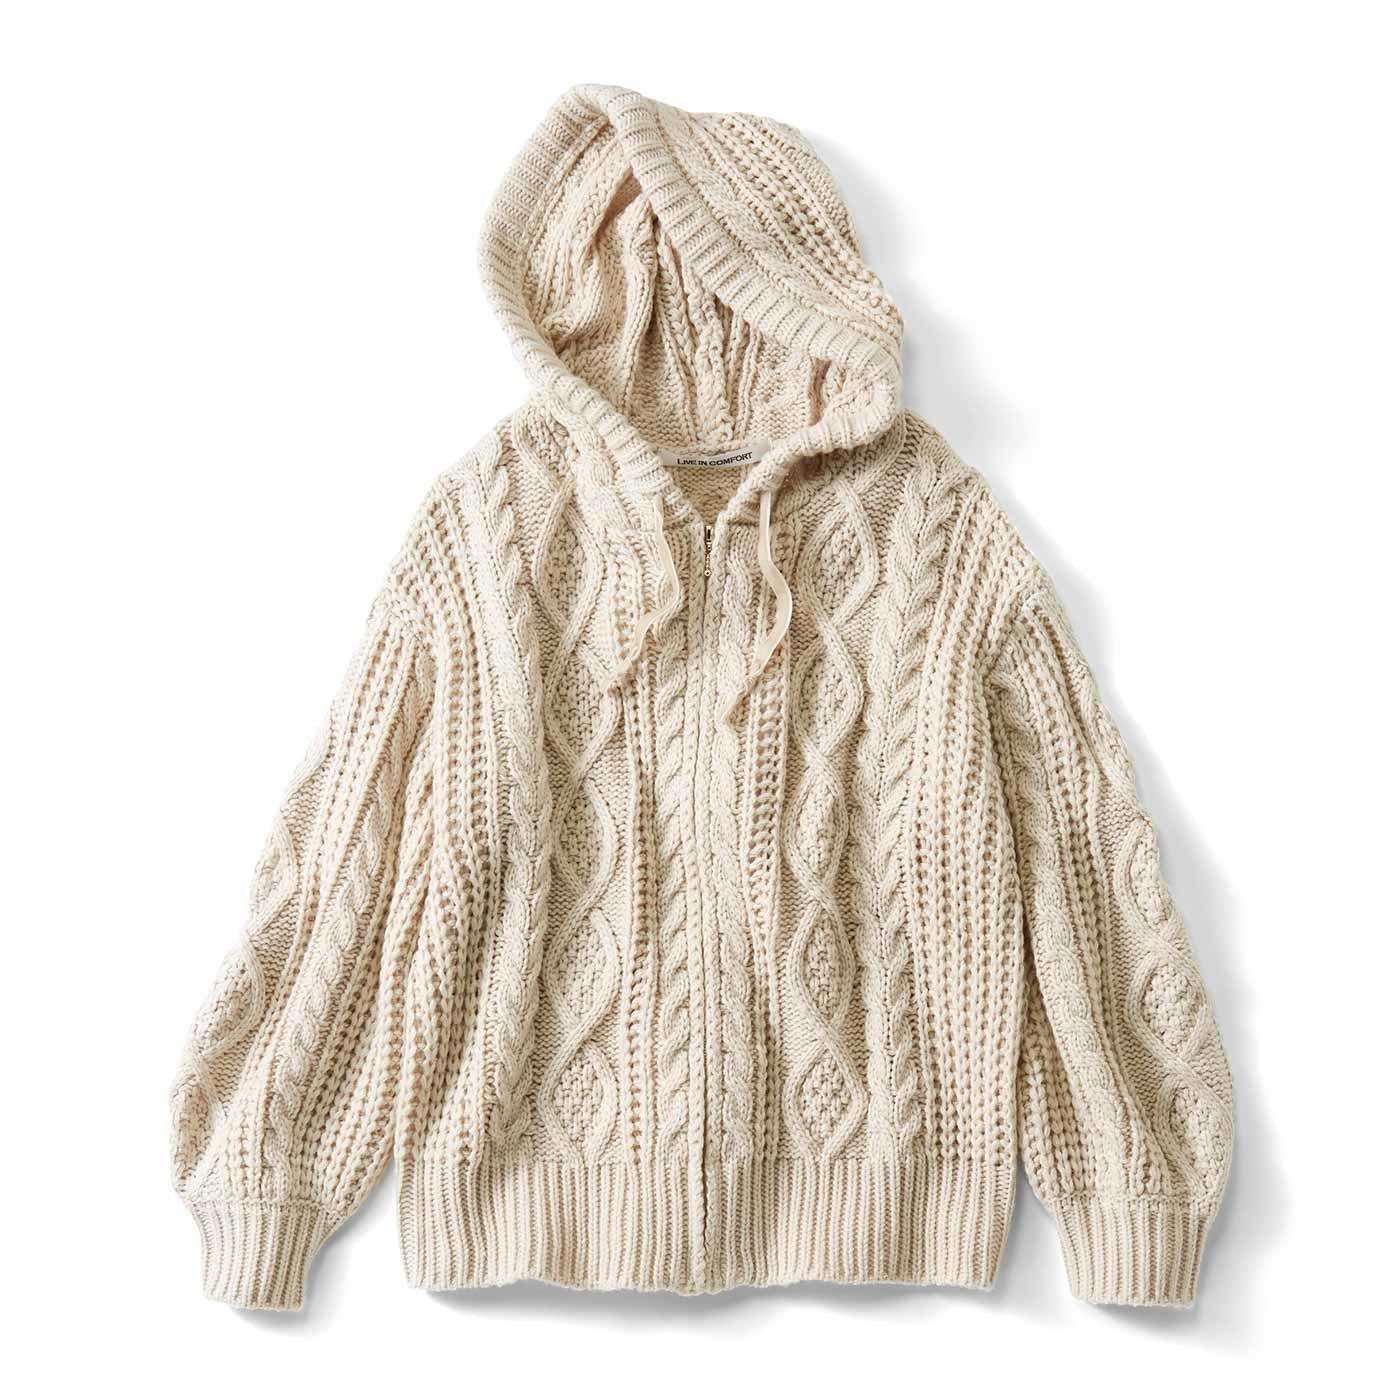 【3~10日でお届け】リブ イン コンフォート 季節の変わり目に大活躍 ざっくり編みニットパーカー〈アイボリー〉